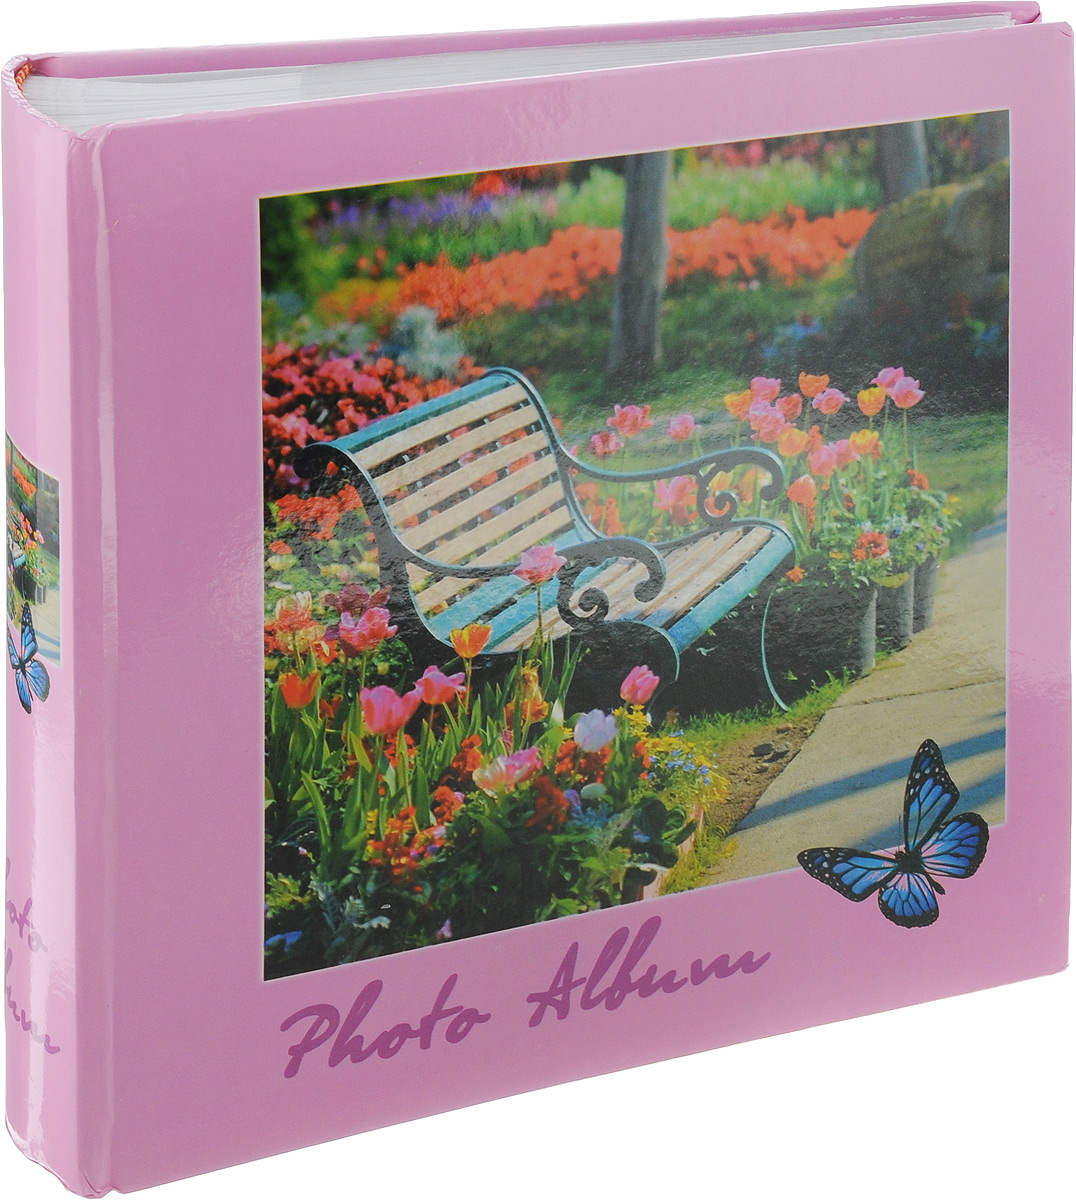 Фотоальбом Pioneer 4 Seasons, 200 фотографий, цвет: розовый, 10 x 15 смRG-D31SФотоальбом Pioneer 4 Seasons позволит вам запечатлеть незабываемые моменты вашей жизни, сохранить свои истории и воспоминания на его страницах. Обложка из толстого картона оформлена оригинальным принтом. Фотоальбом рассчитан на 200 фотографии форматом 10 x 15 см. На каждом развороте имеются поля для заполнения и два кармашка для фотографий. Такой необычный фотоальбом позволит легко заполнить страницы вашей истории, и с годами ничего не забудется.Тип обложки: Ламинированный картон.Тип листов: бумажные.Тип переплета: книжный.Кол-во фотографий: 200.Материалы, использованные в изготовлении альбома, обеспечивают высокое качество хранения ваших фотографий, поэтому фотографии не желтеют со временем.